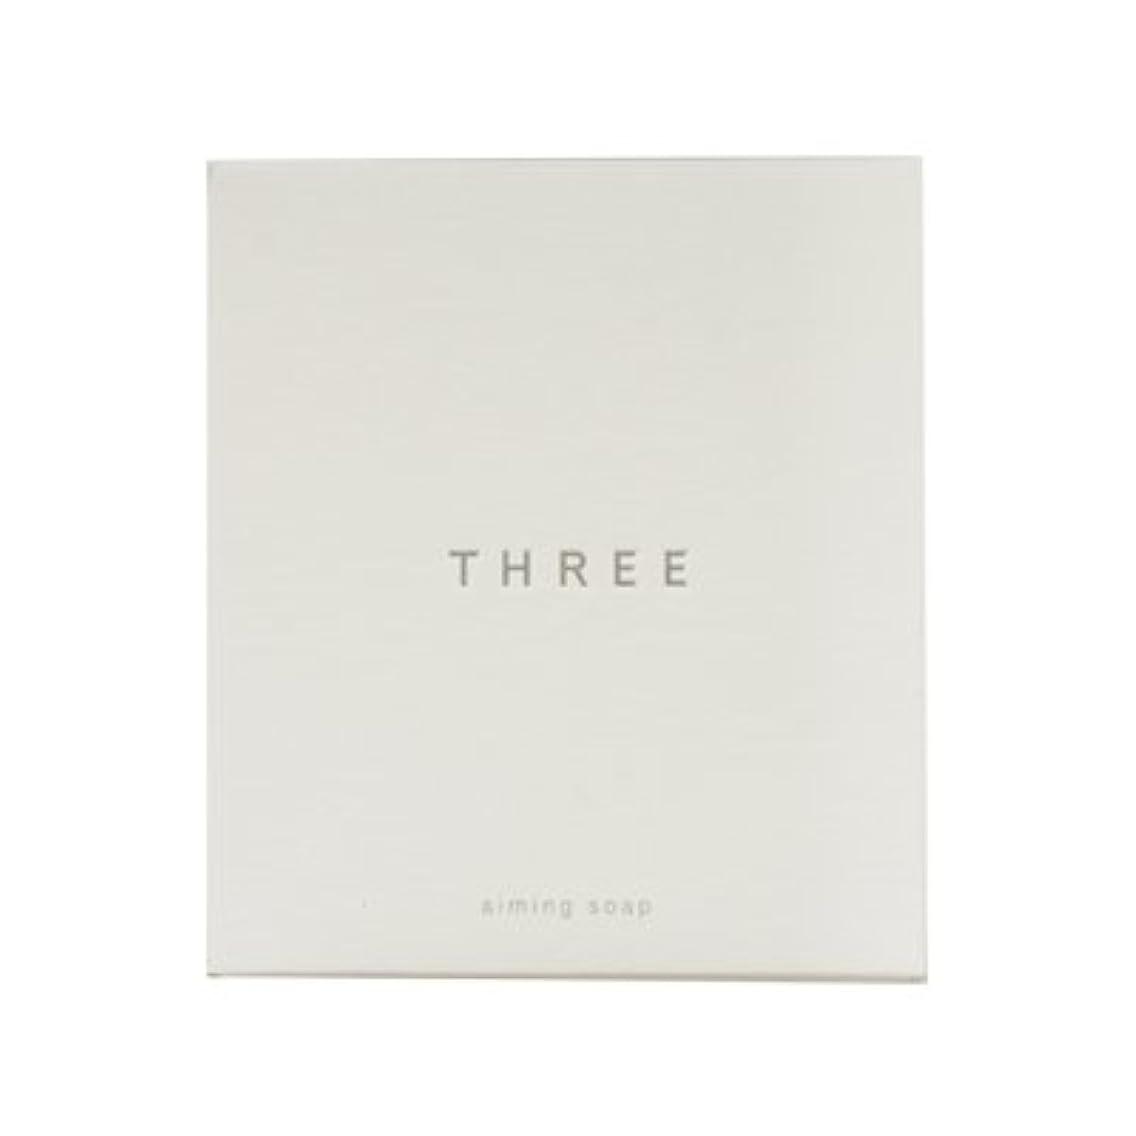 ブラザーダイエット知覚的THREE(スリー) エミング ソープ [並行輸入品]